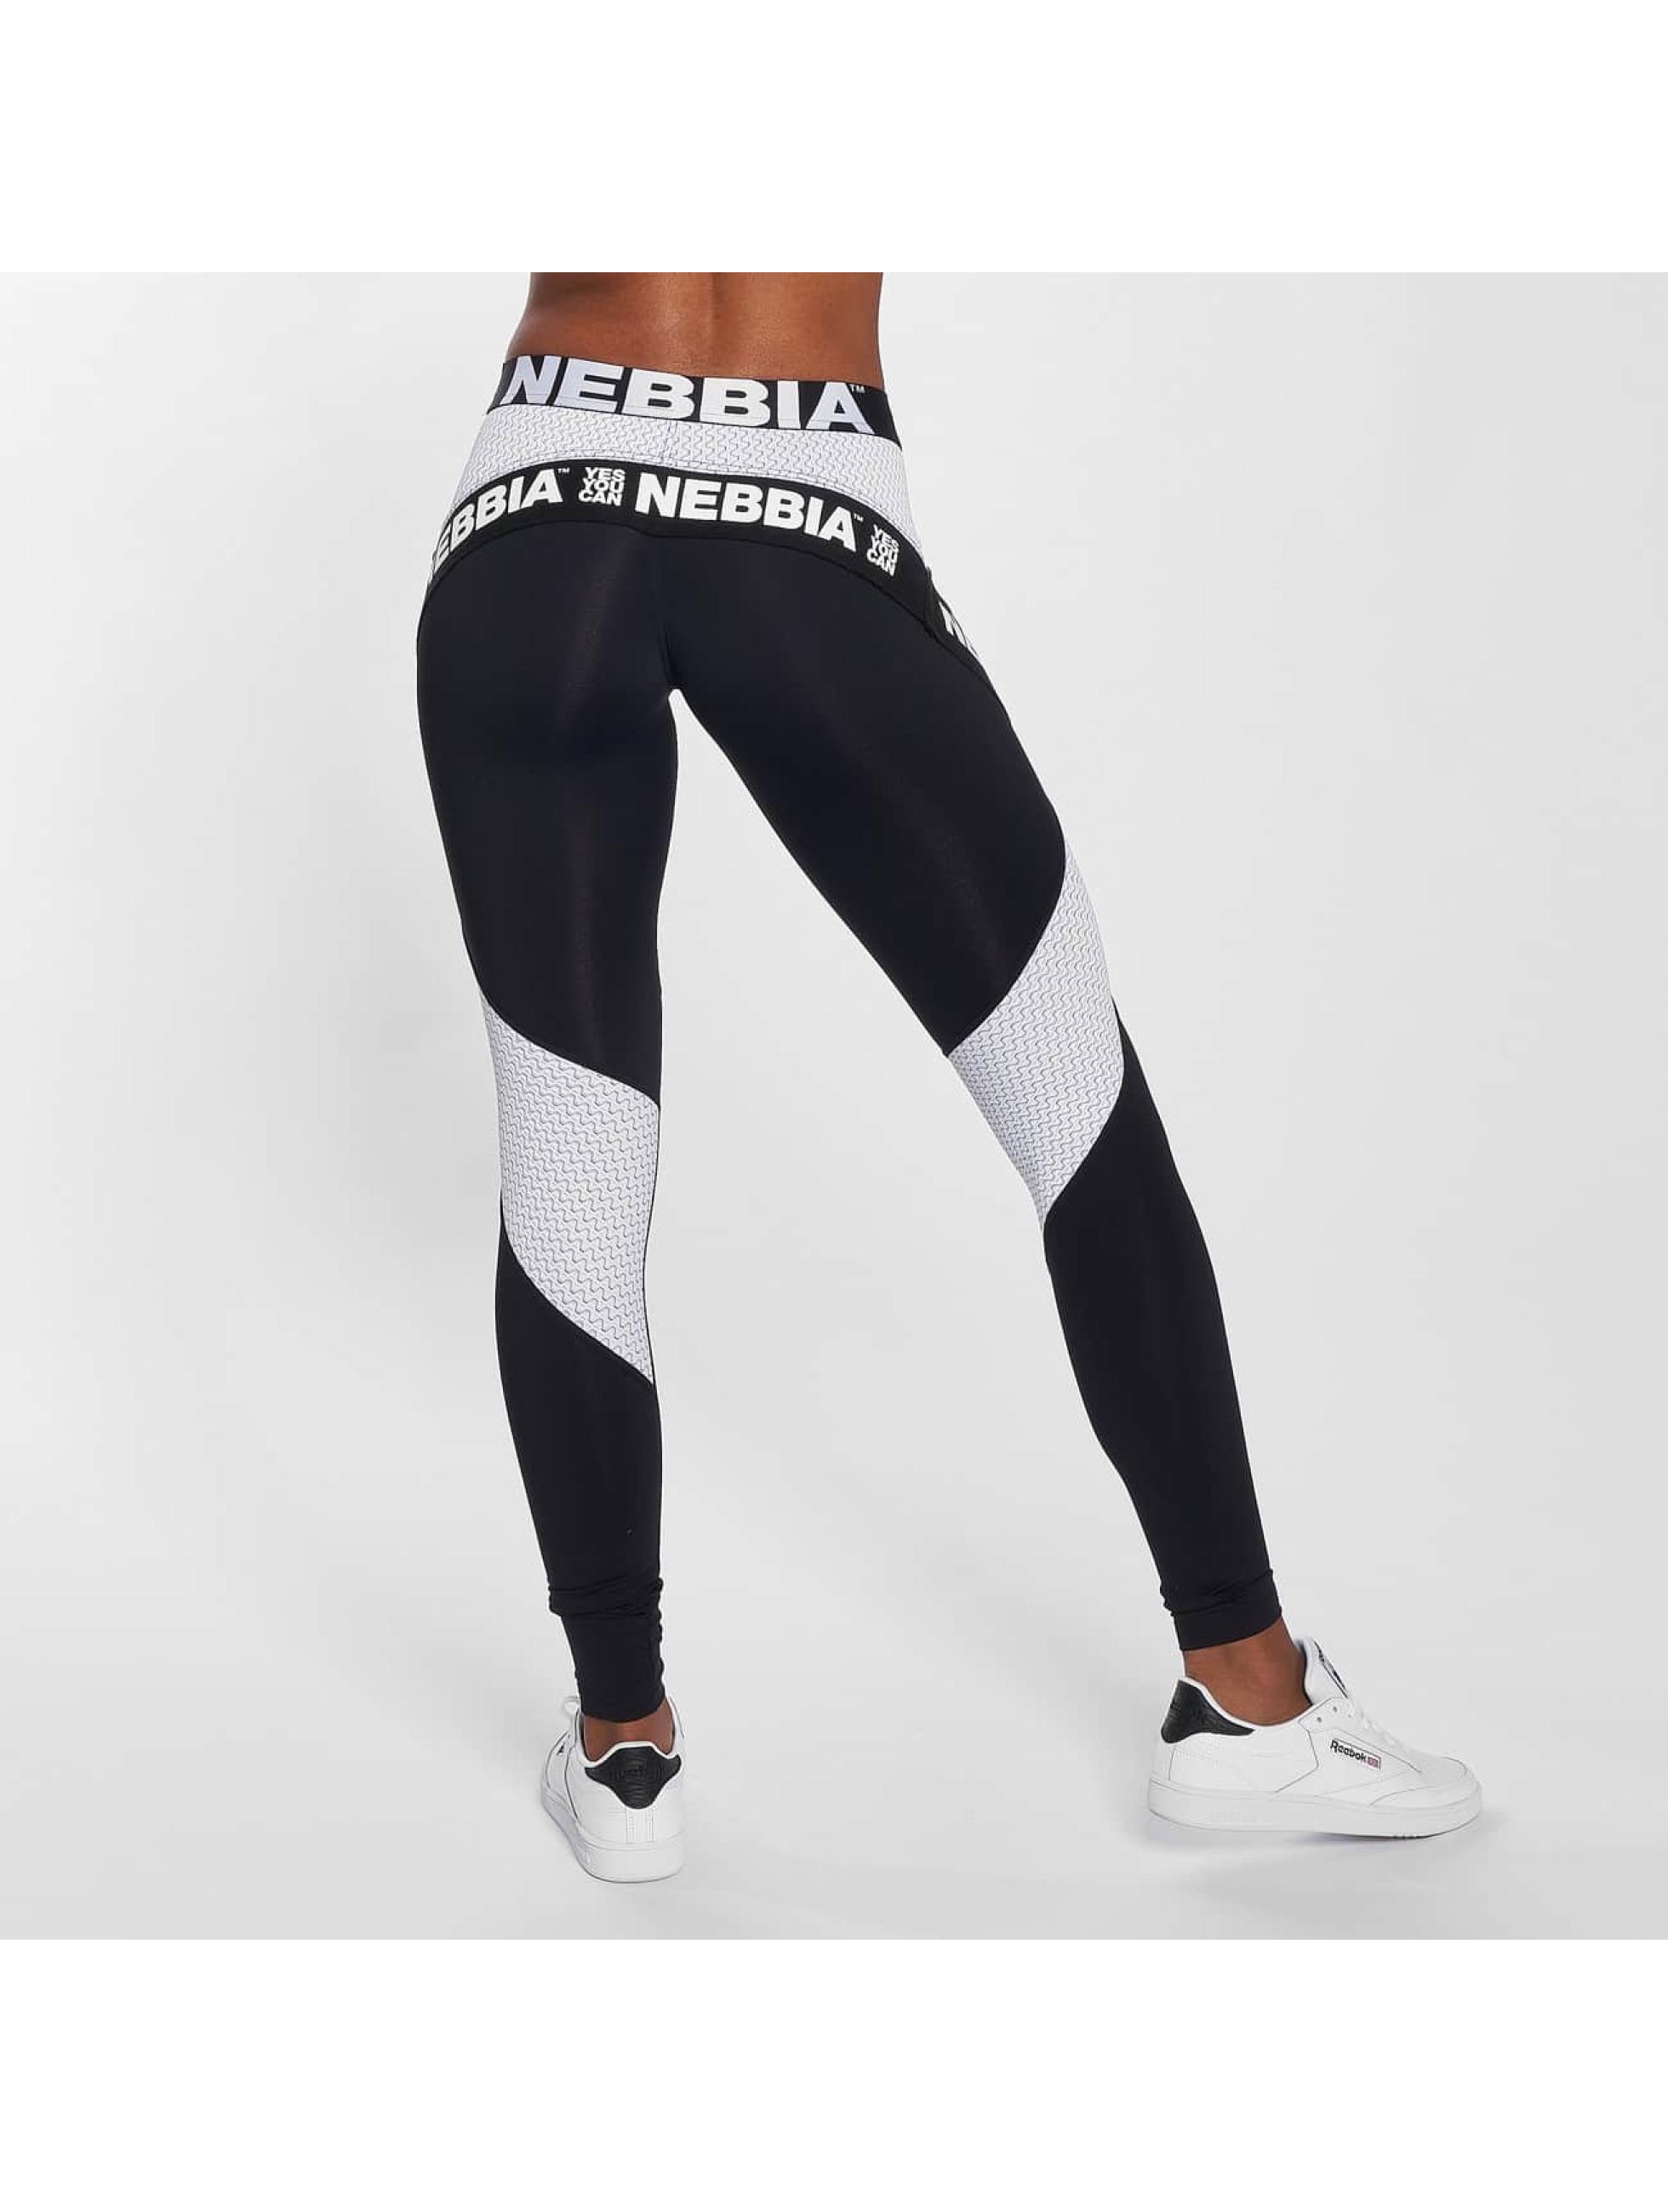 Nebbia Legging/Tregging Combi black